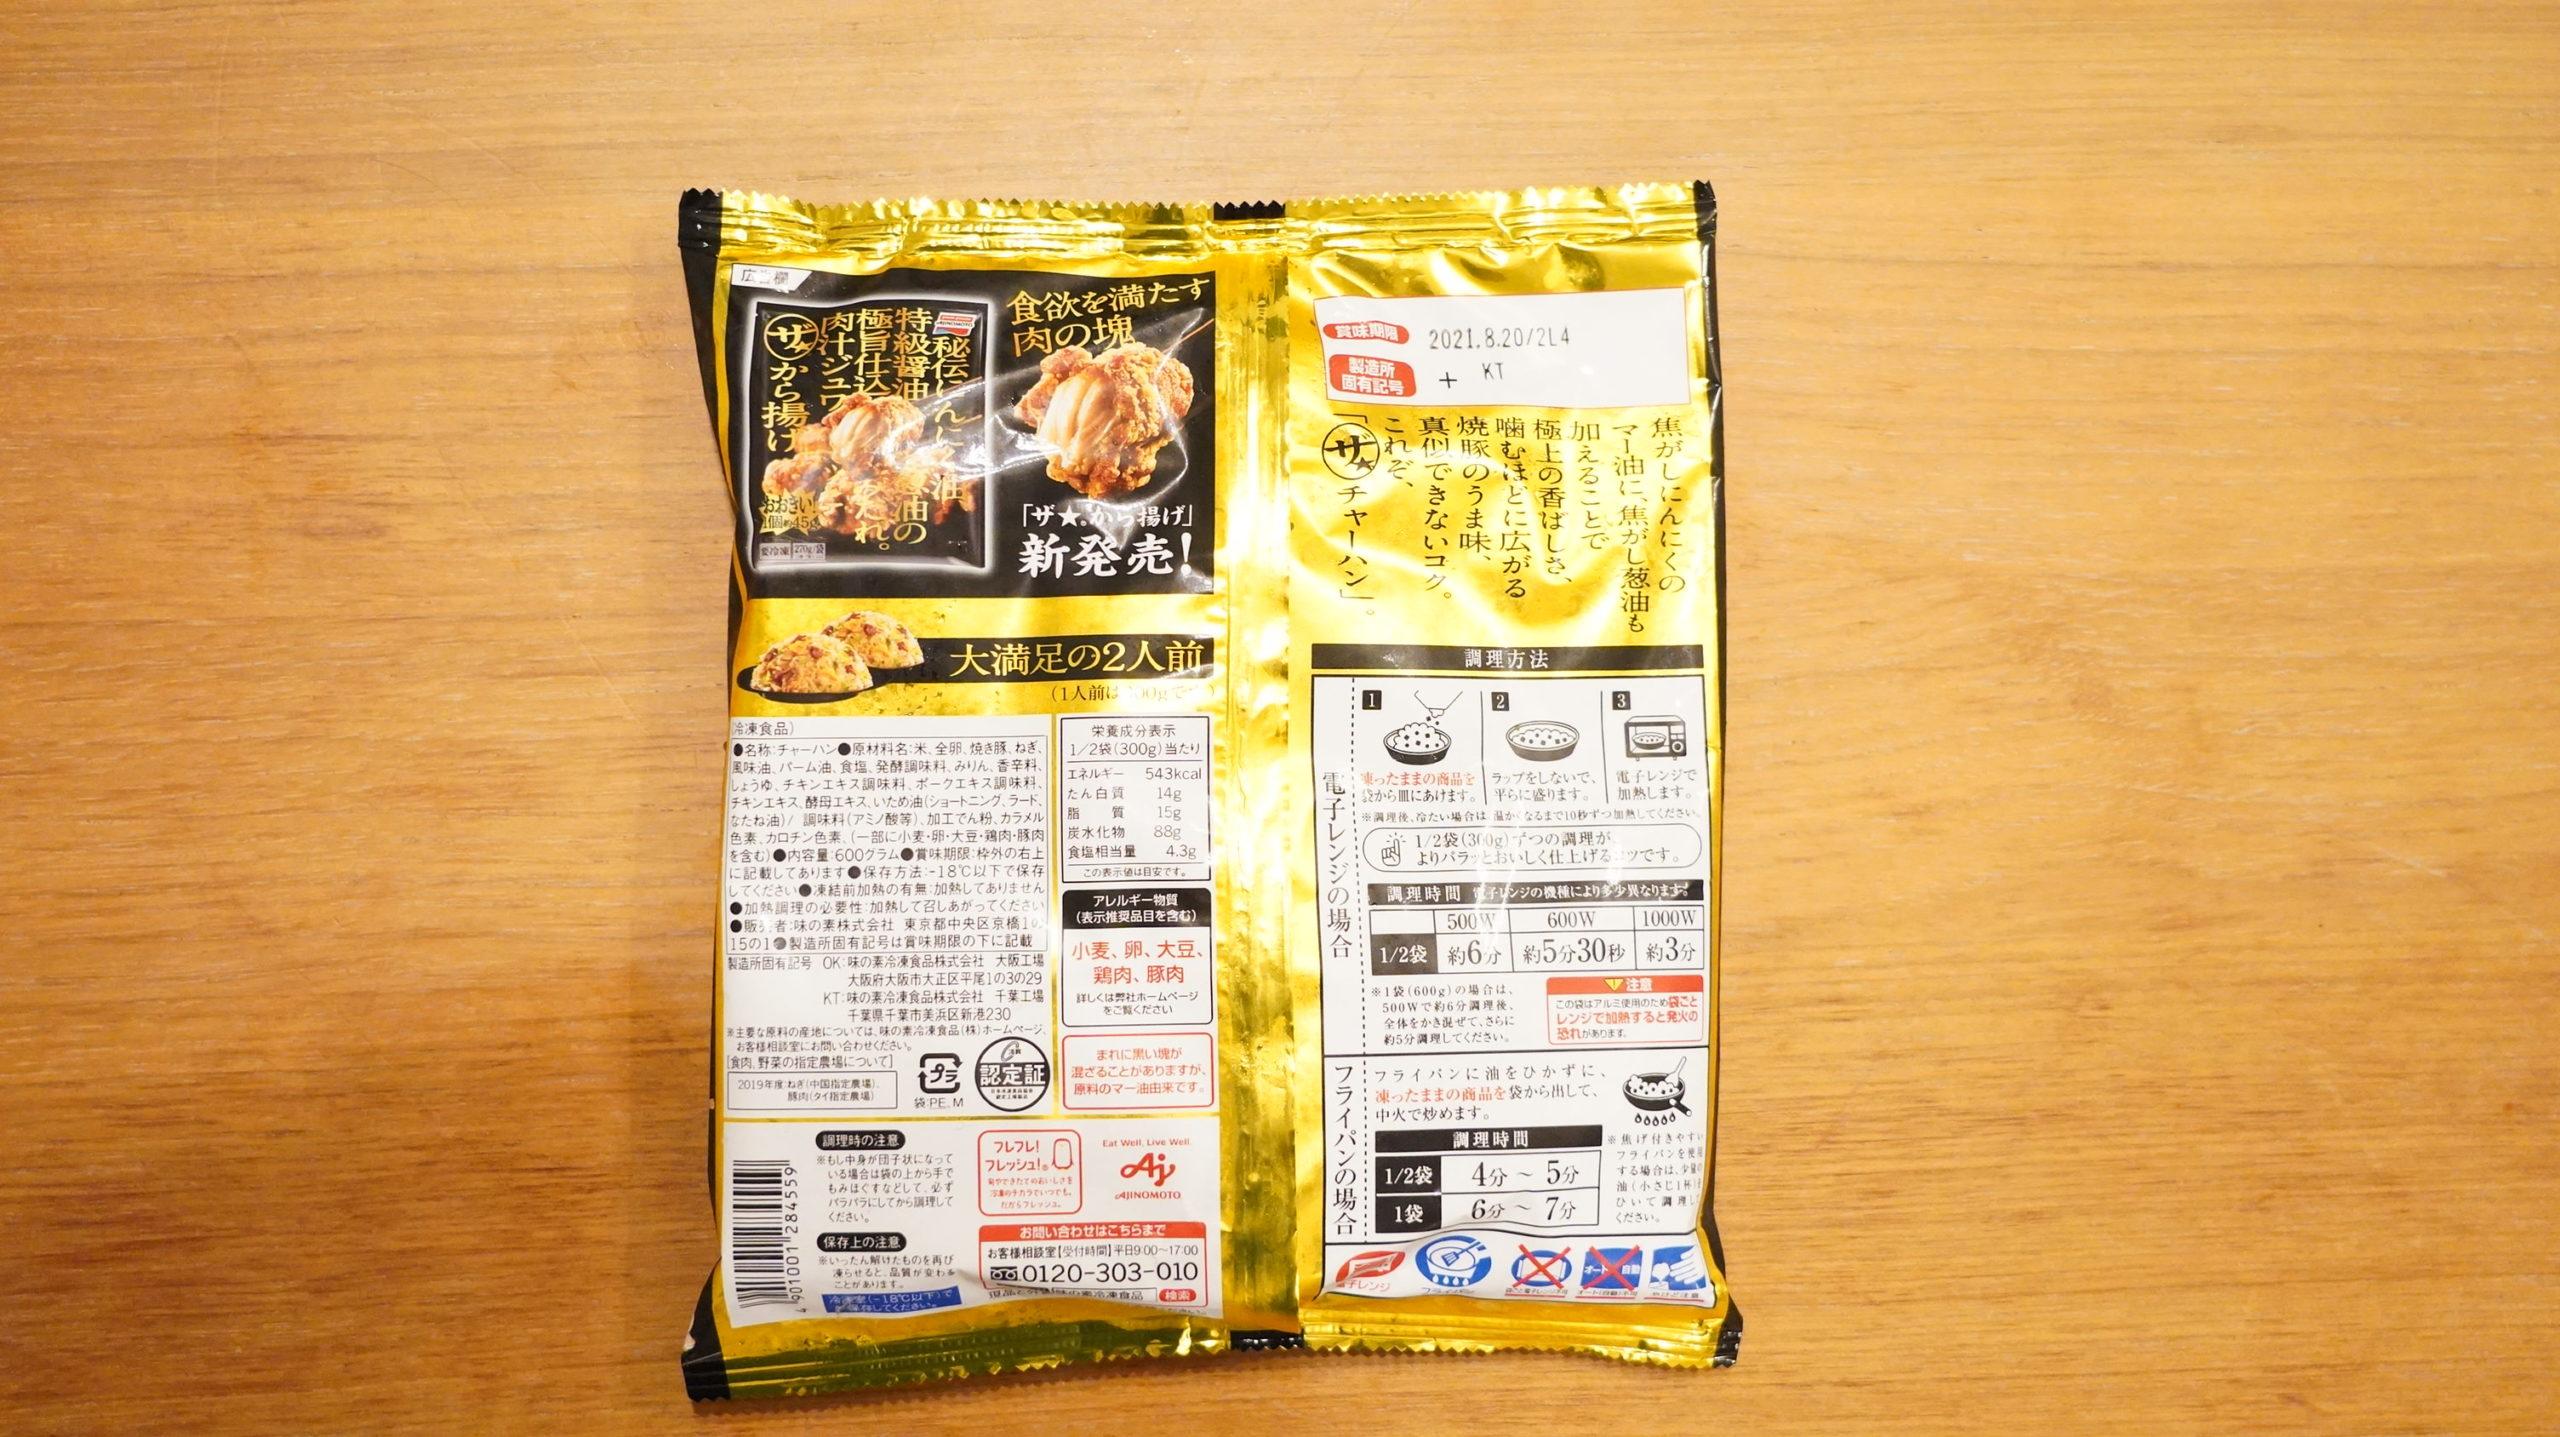 味の素の冷凍食品「焦がしにんにくのマー油と葱油が香るザ★チャーハン」のパッケージ裏面の写真